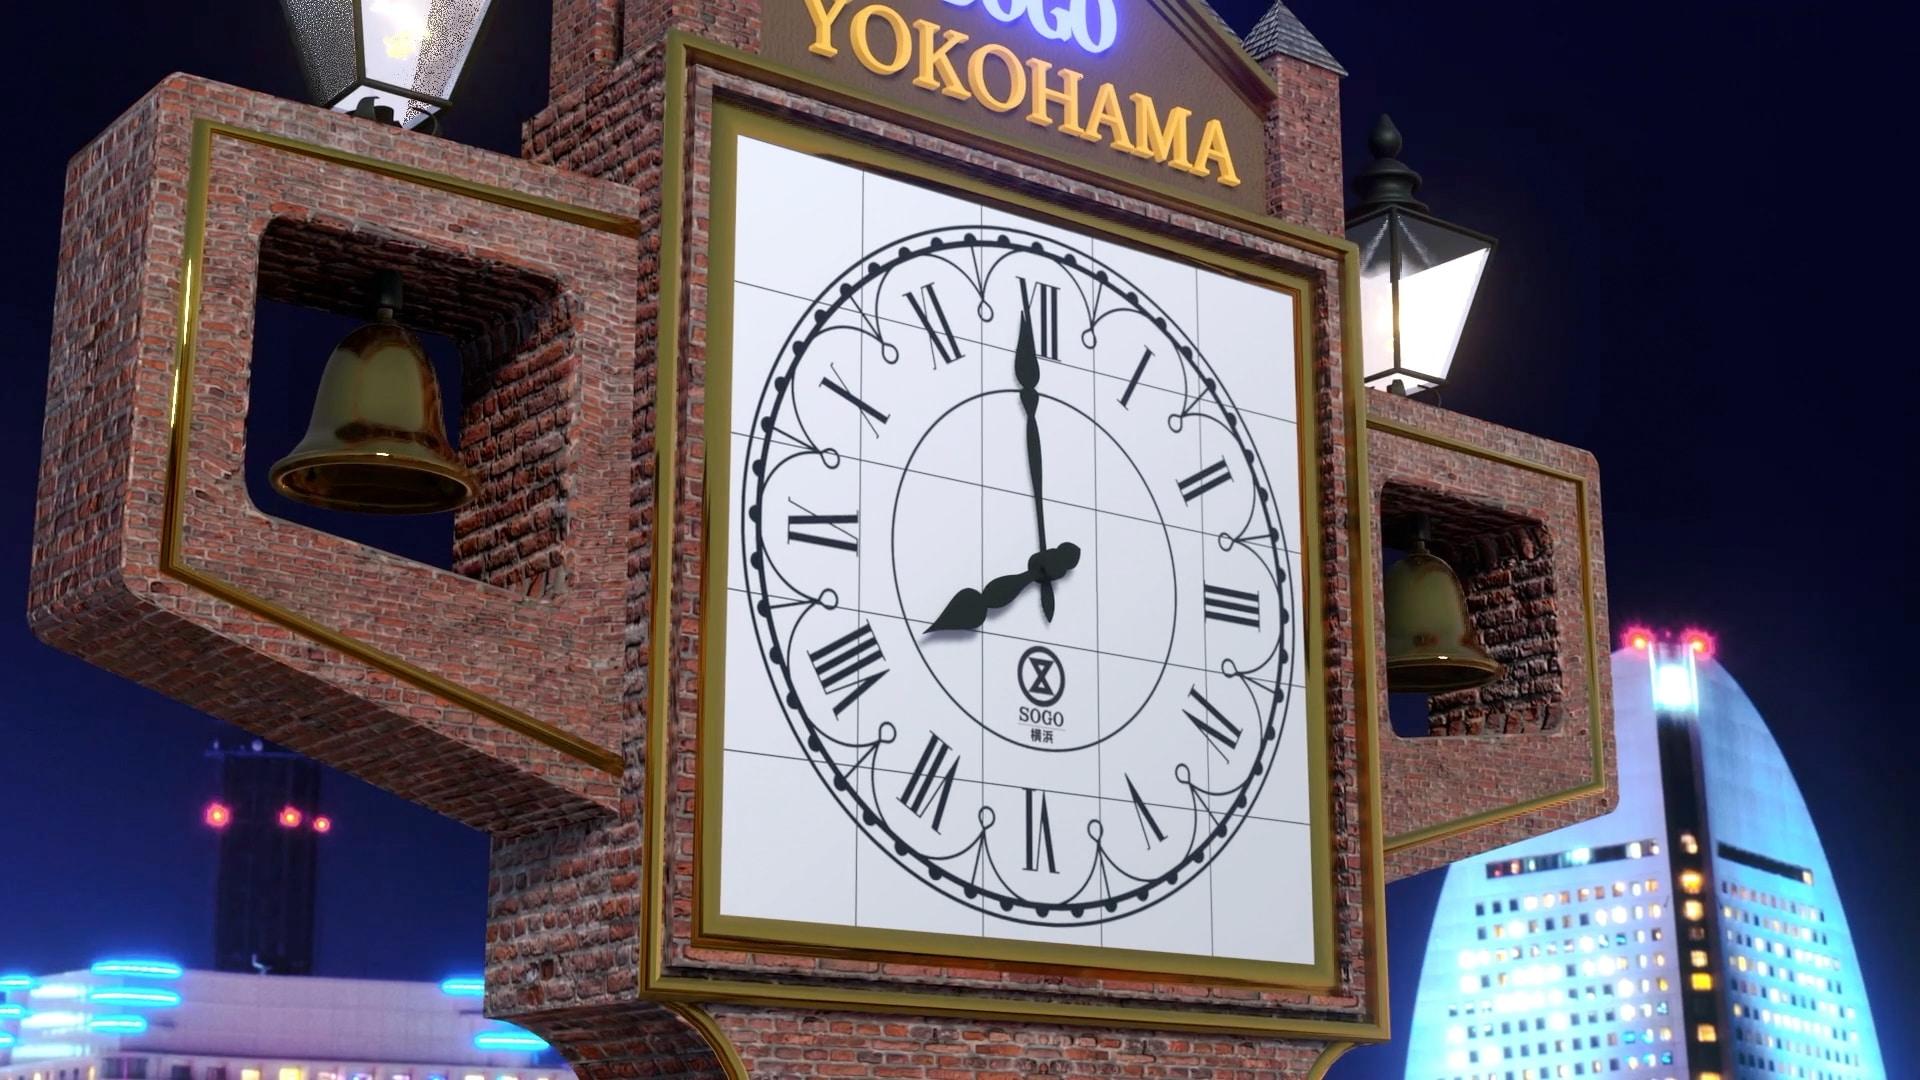 そごう横浜店時計台